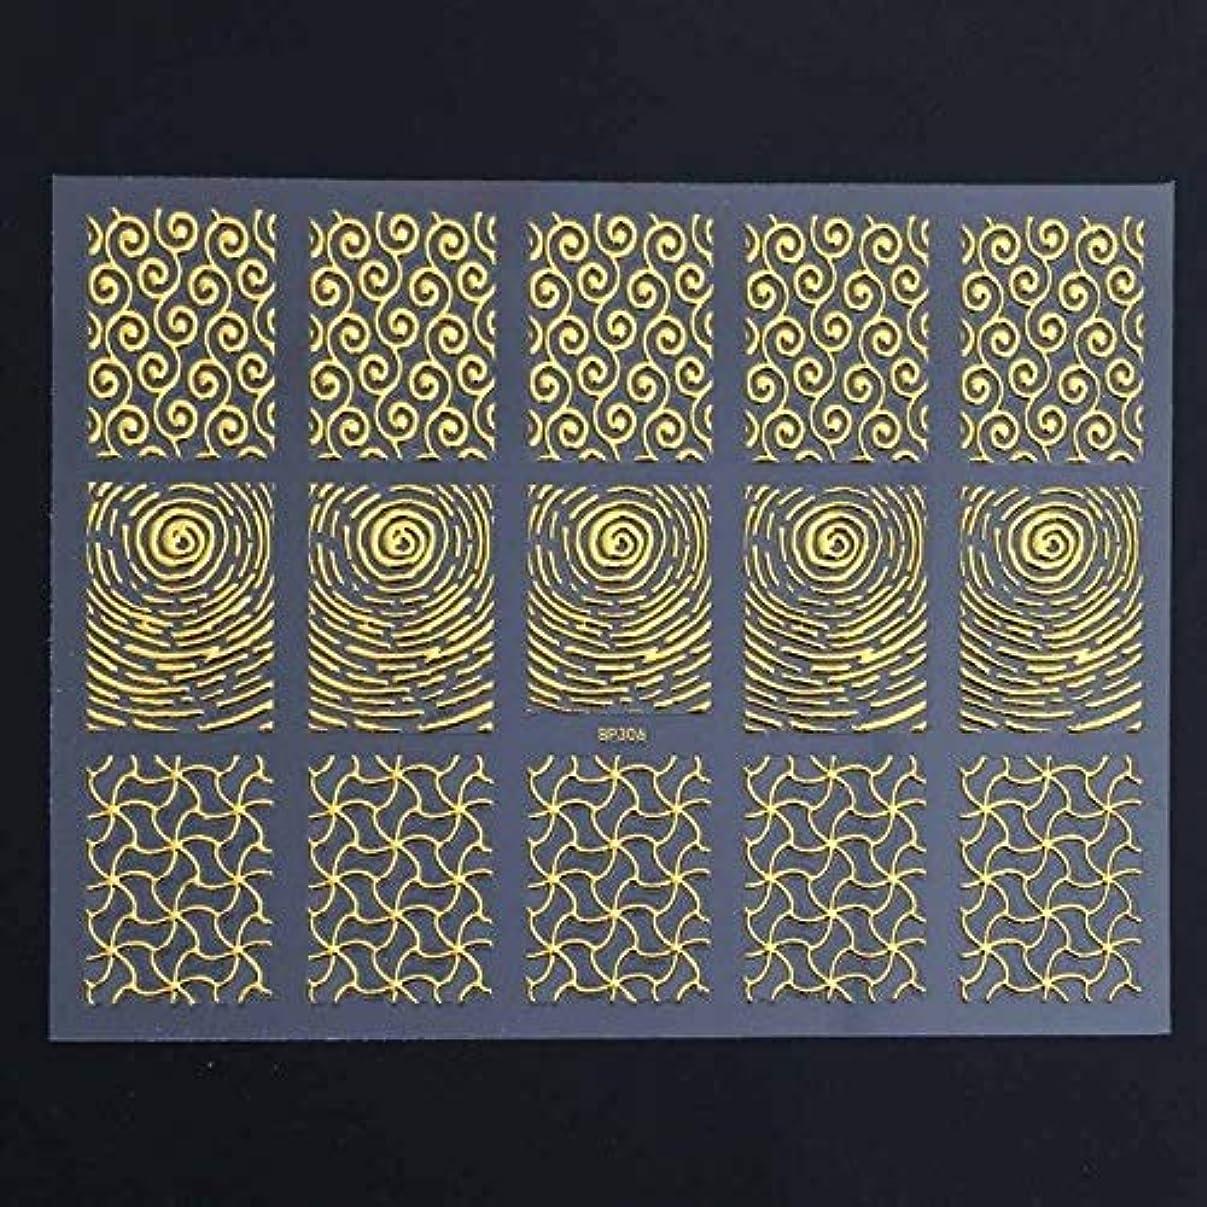 見物人不利掘るSUKTI&XIAO ネイルステッカー 1ピース3Dゴールドスライダーネイルアートステッカージオメトリストリップライン波ブロンズ接着剤デカールデザインマニキュア装飾